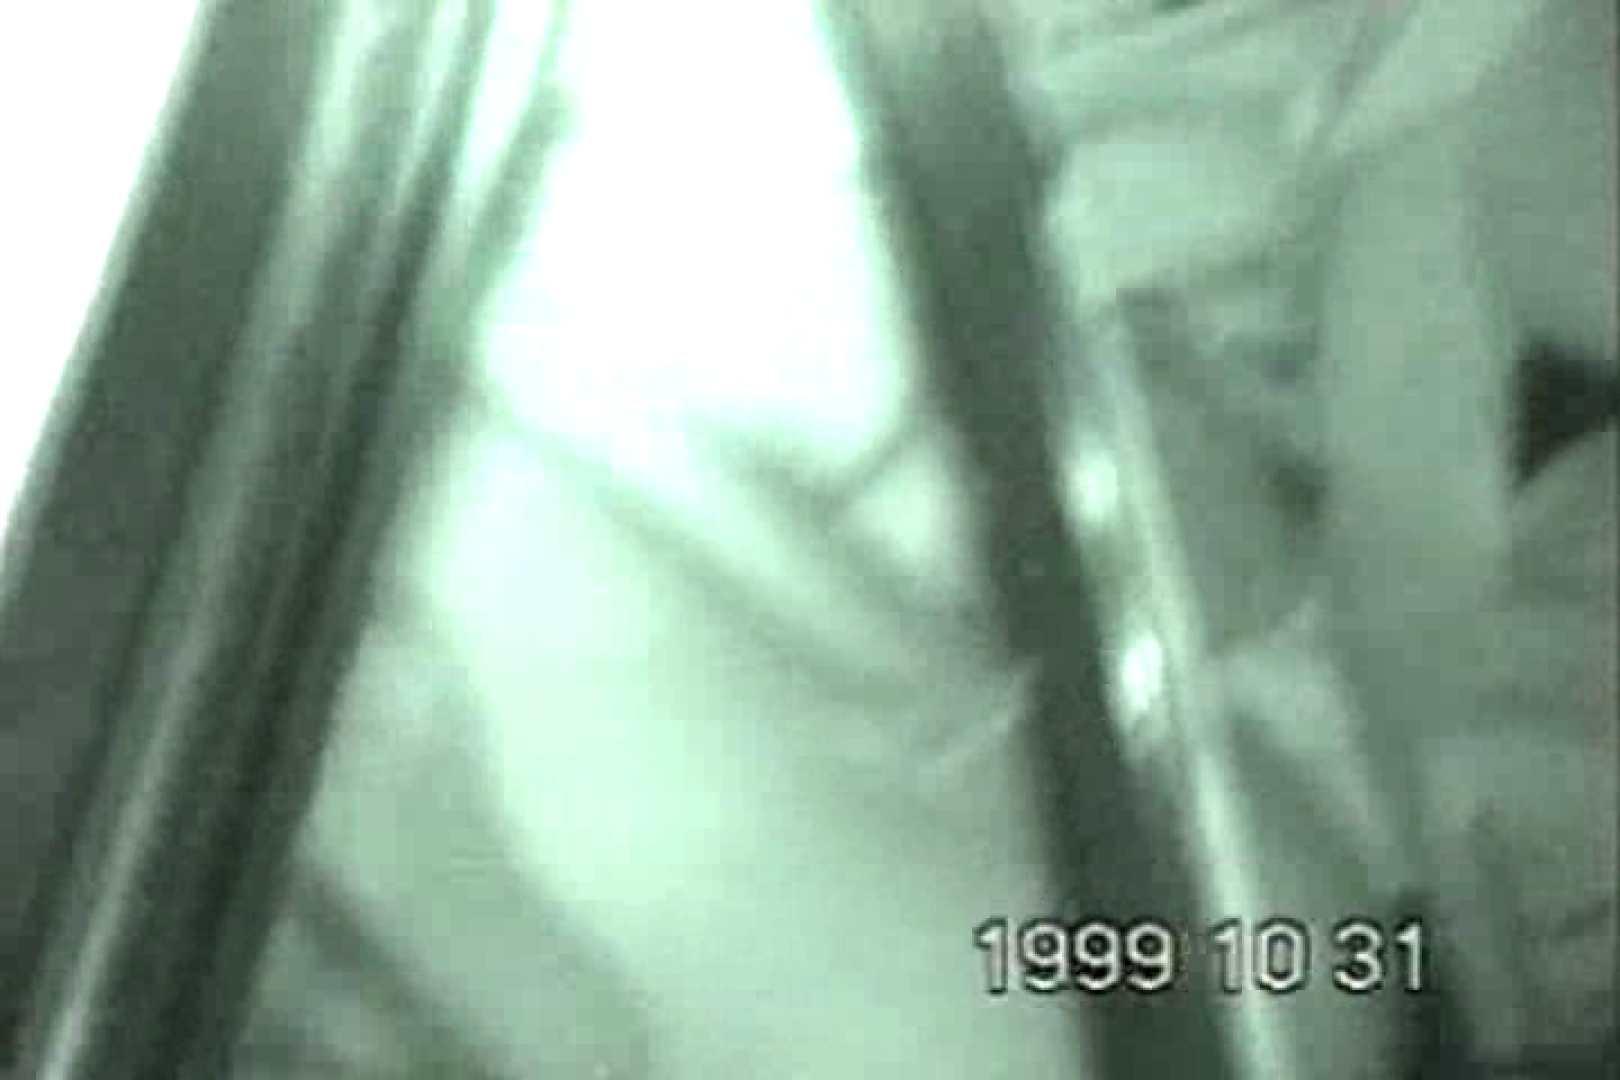 蔵出し!!赤外線カーセックスVol.6 カーセックス すけべAV動画紹介 81画像 11